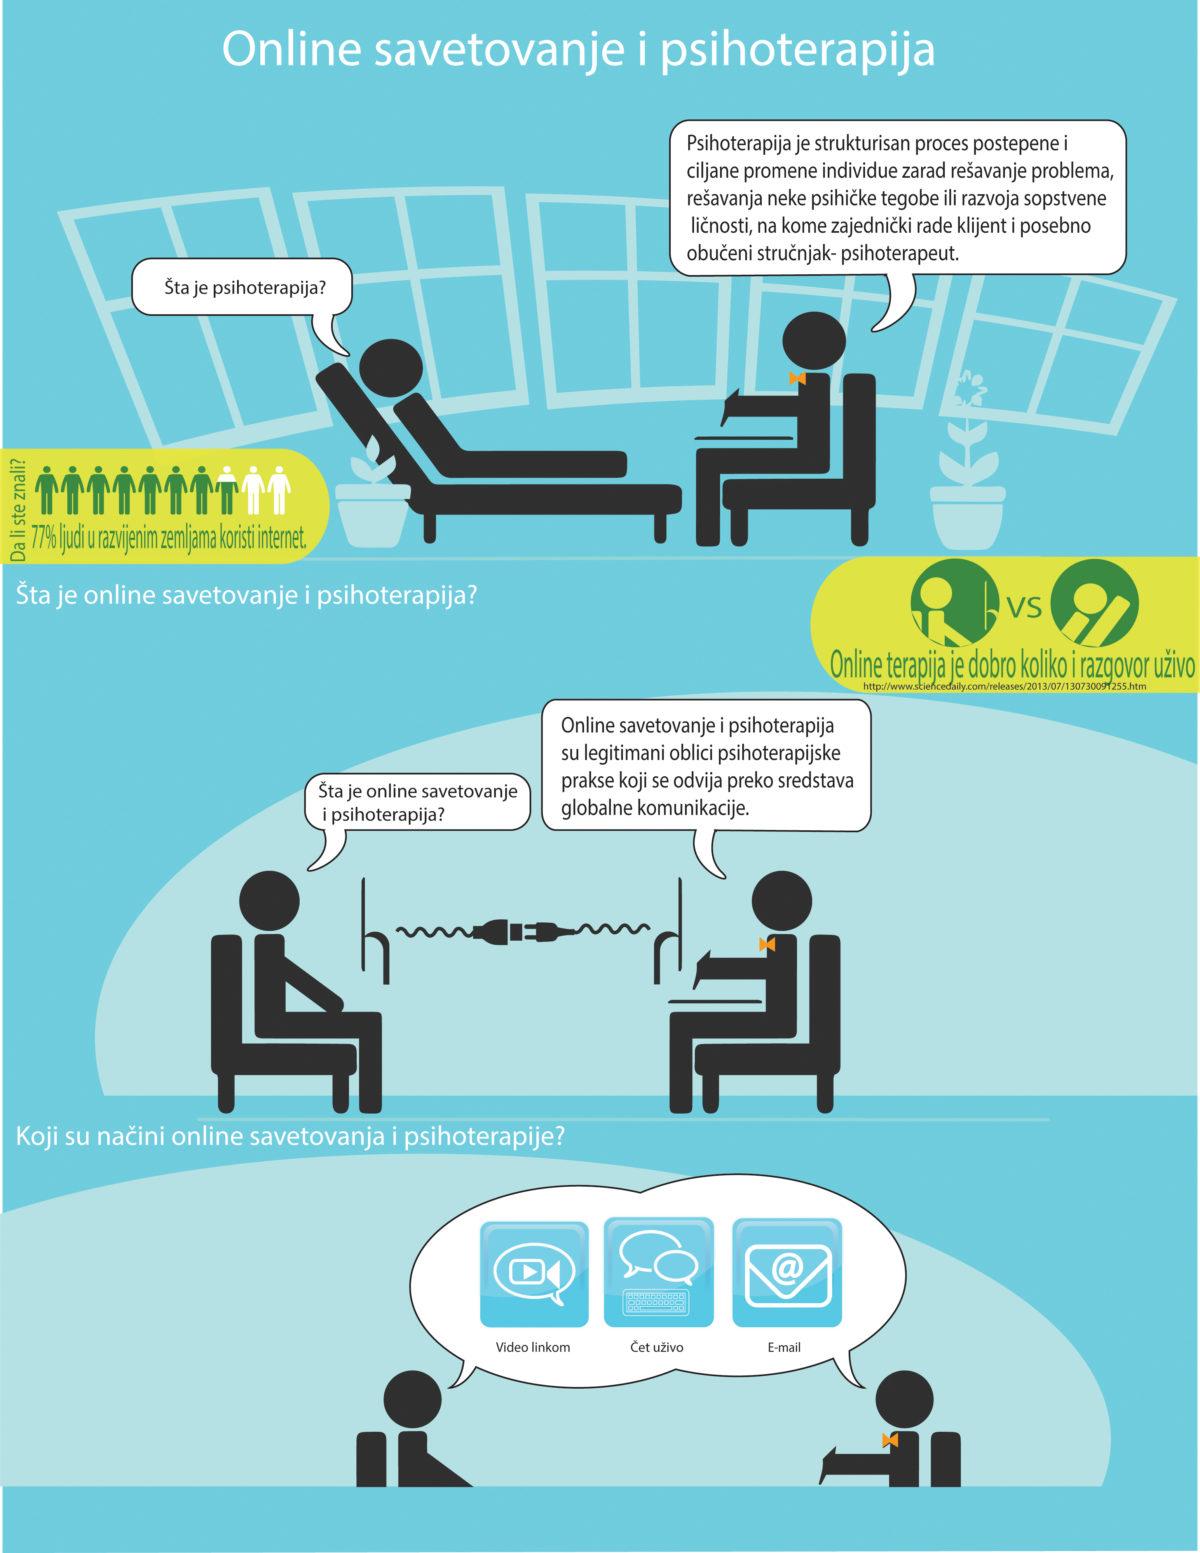 online psihoterapija i savetovanje